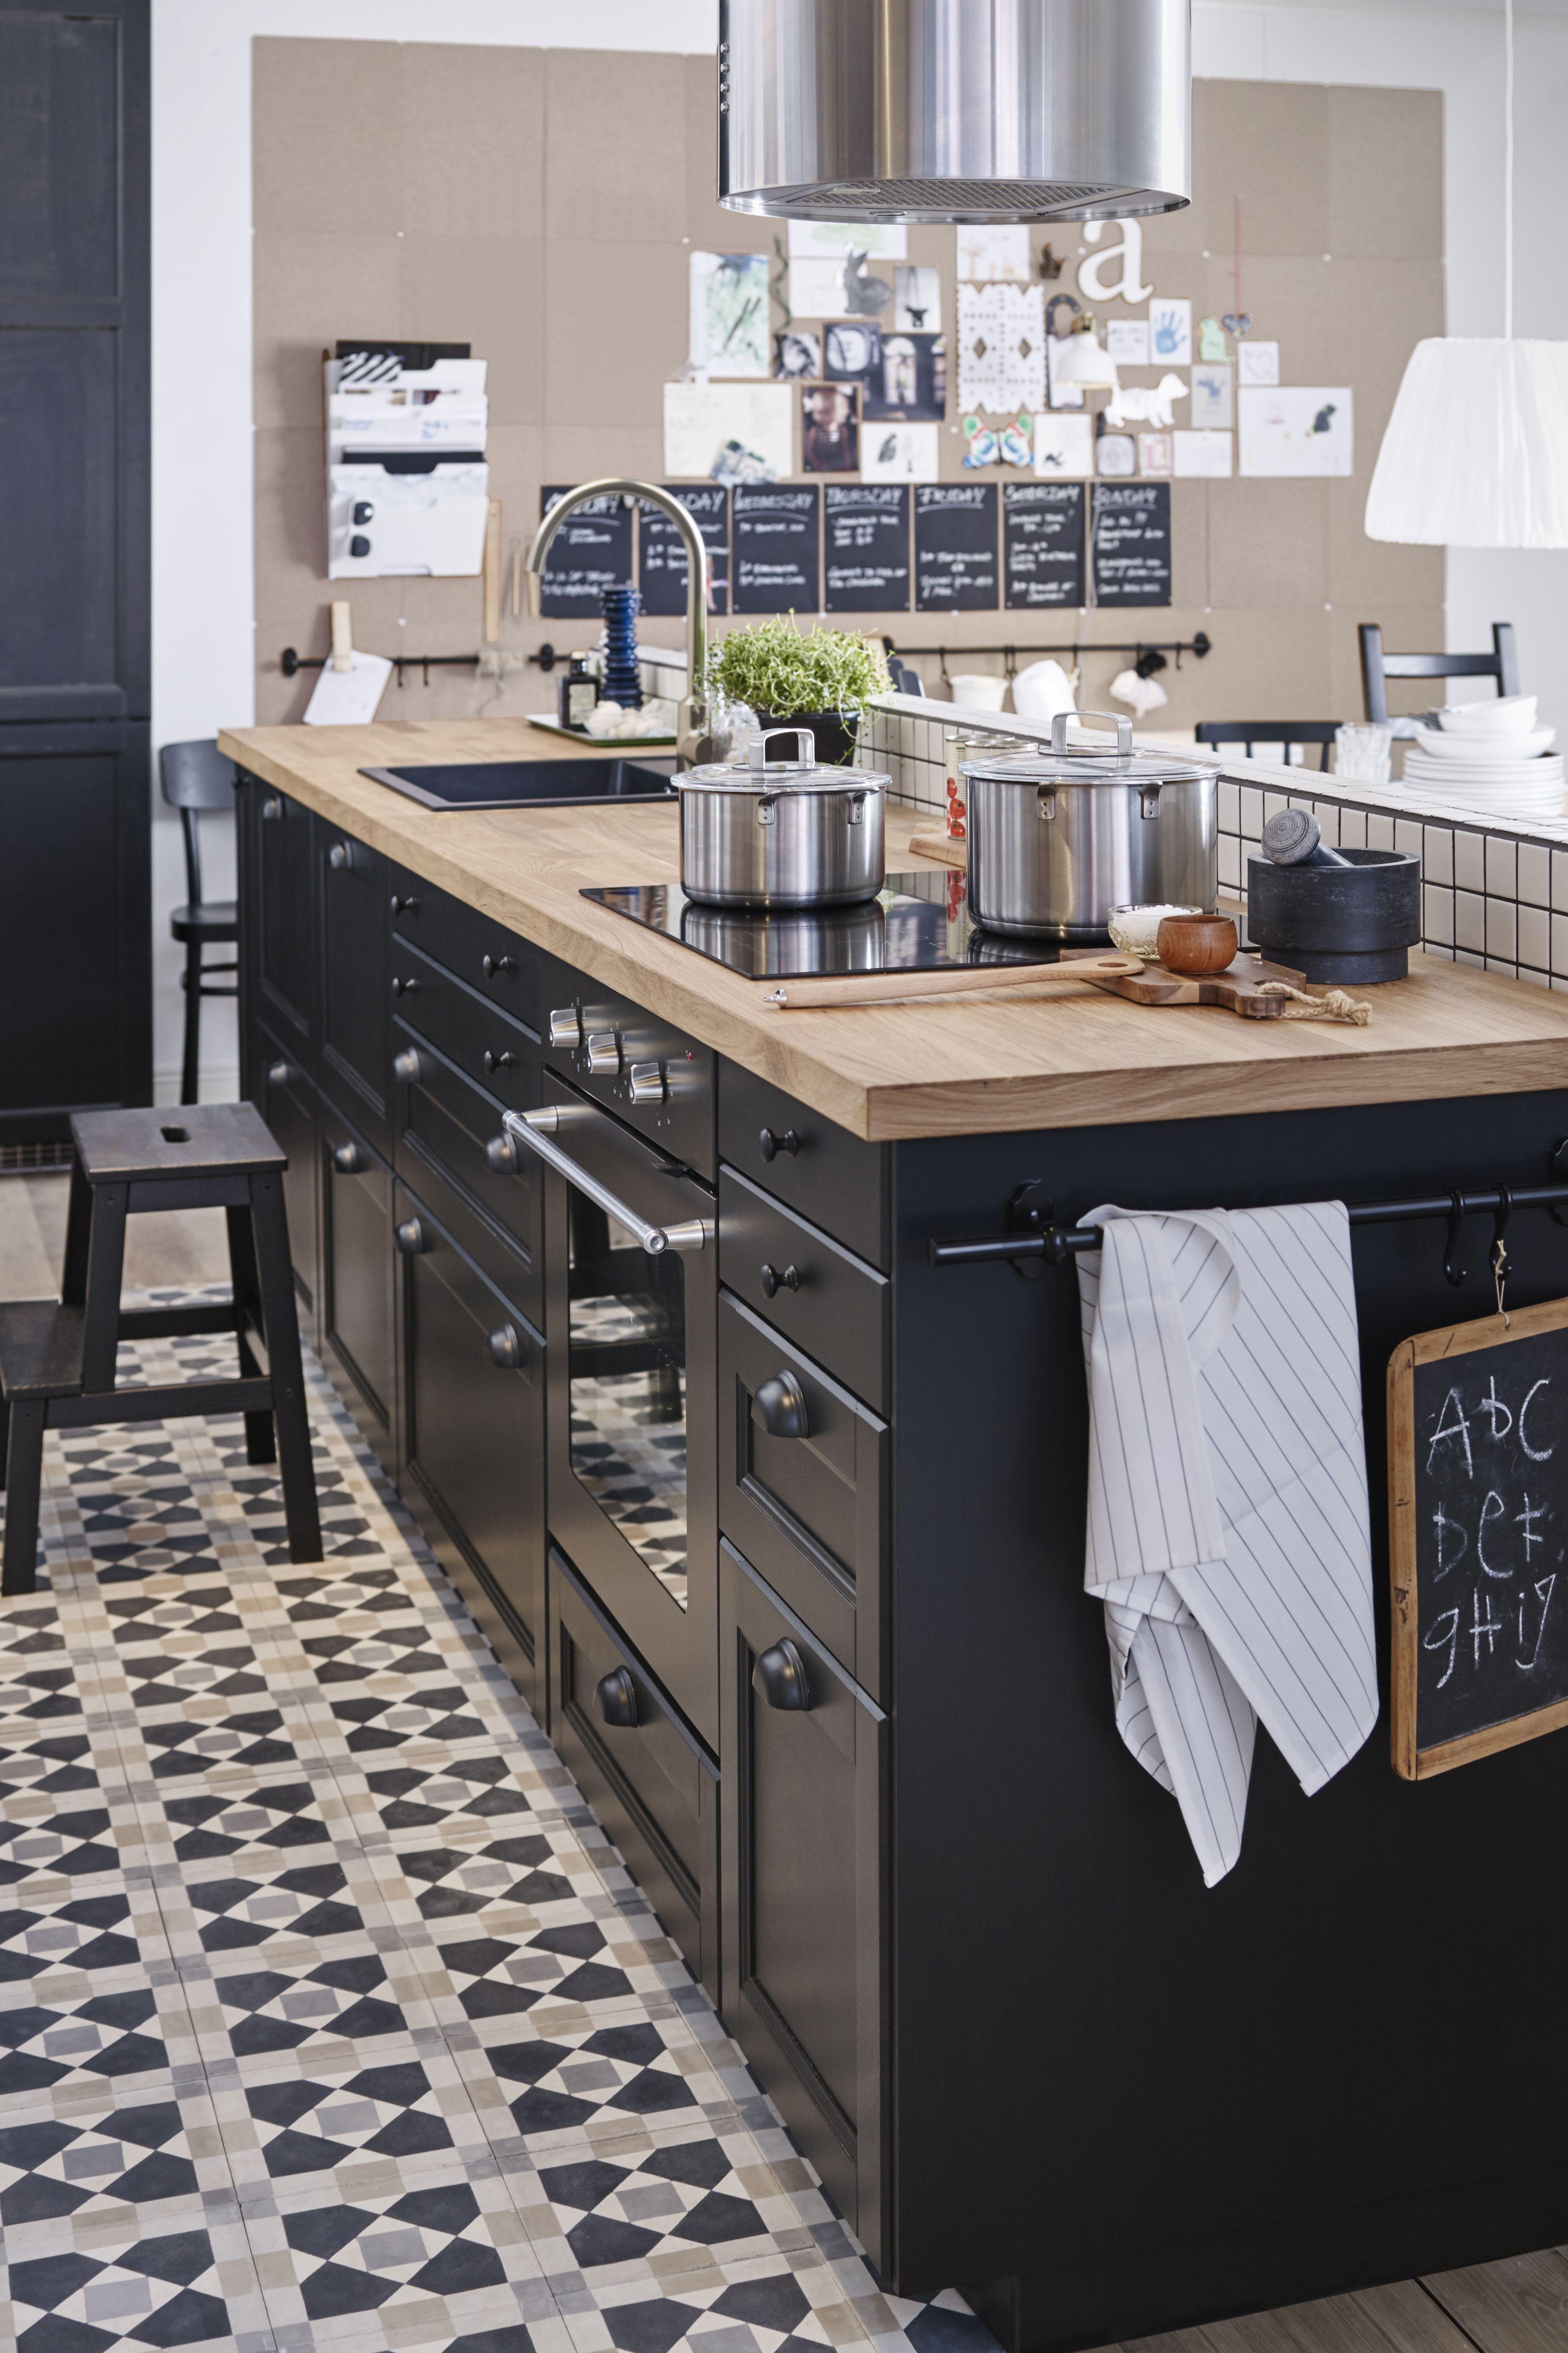 Cuisine Metod Laxarby d\'IKEA : Des cuisines modernes d\'exception ...